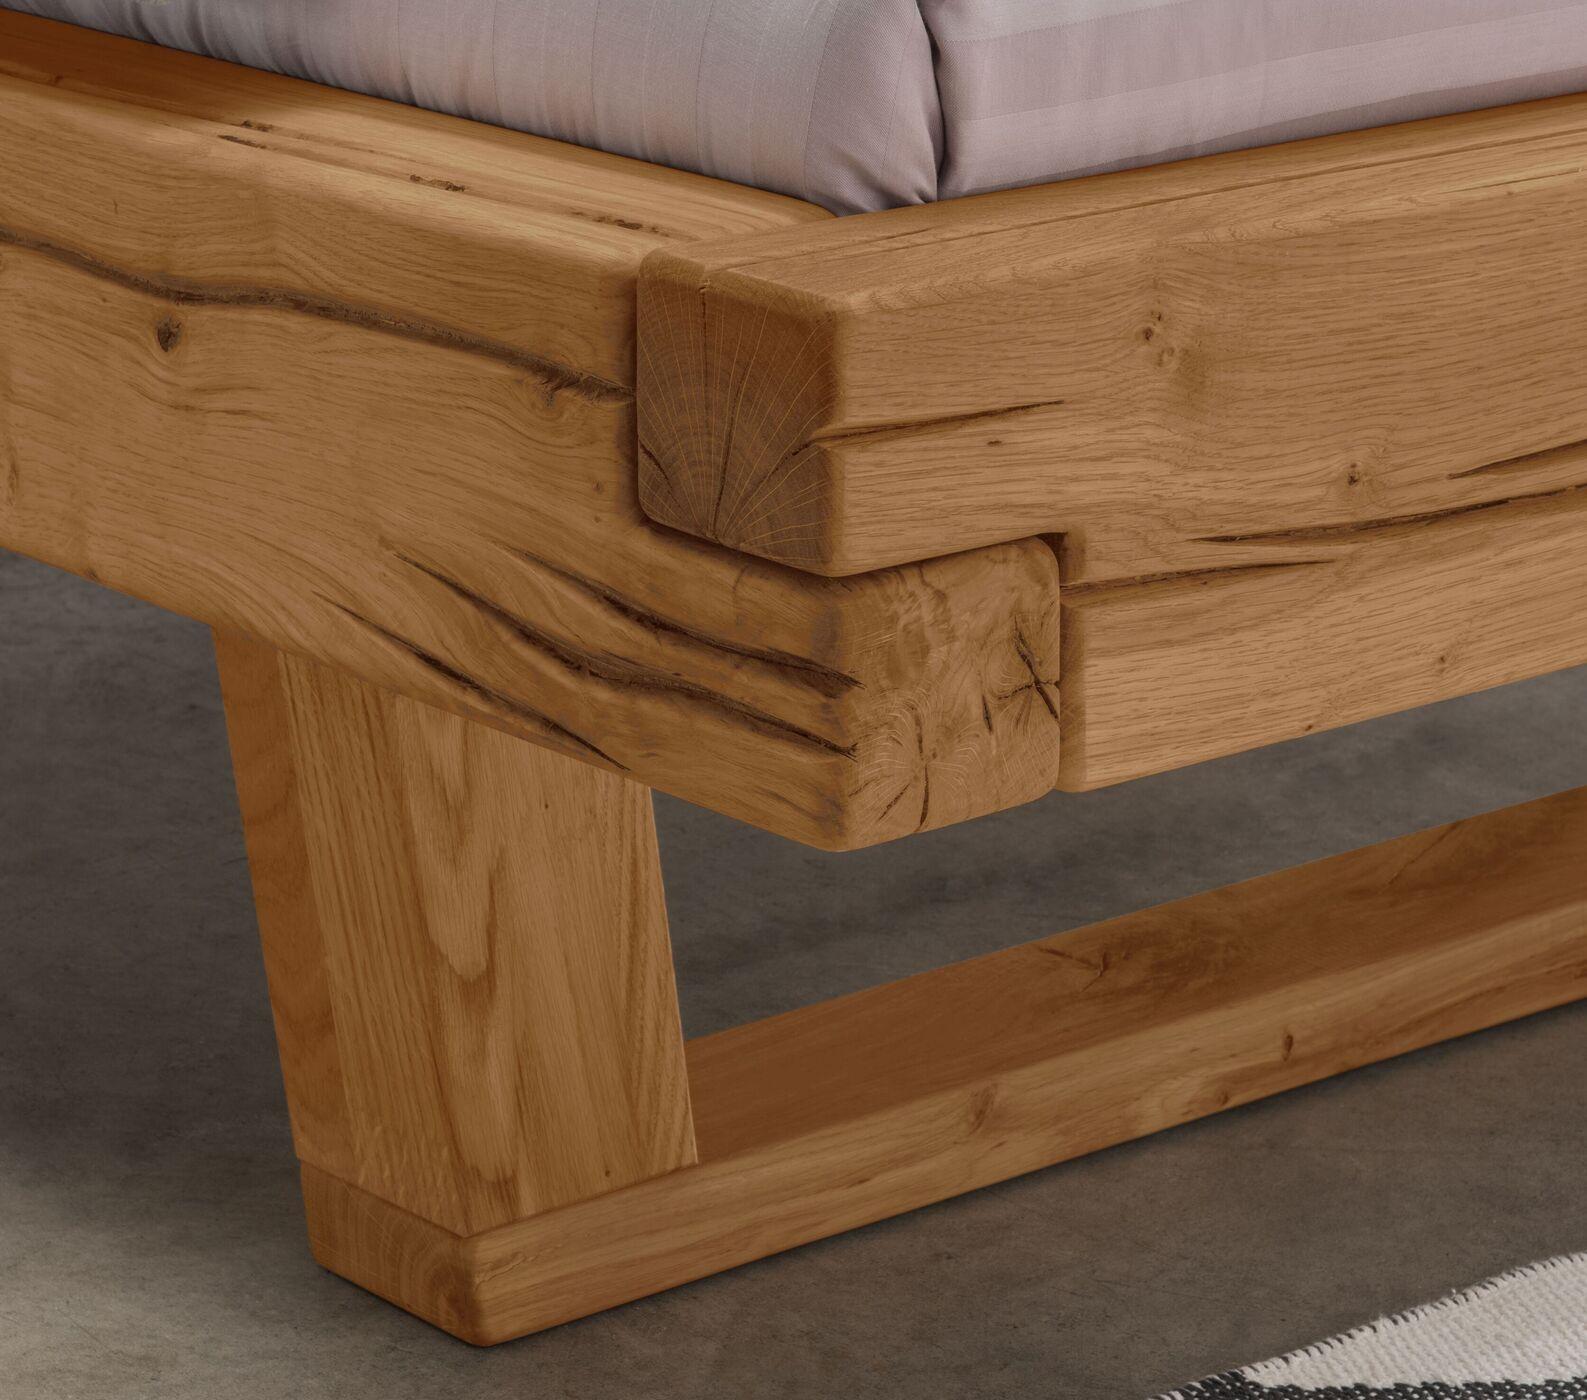 Stabiles Balkenbett aus hochwertigem Wildeichenholz - Rigolato